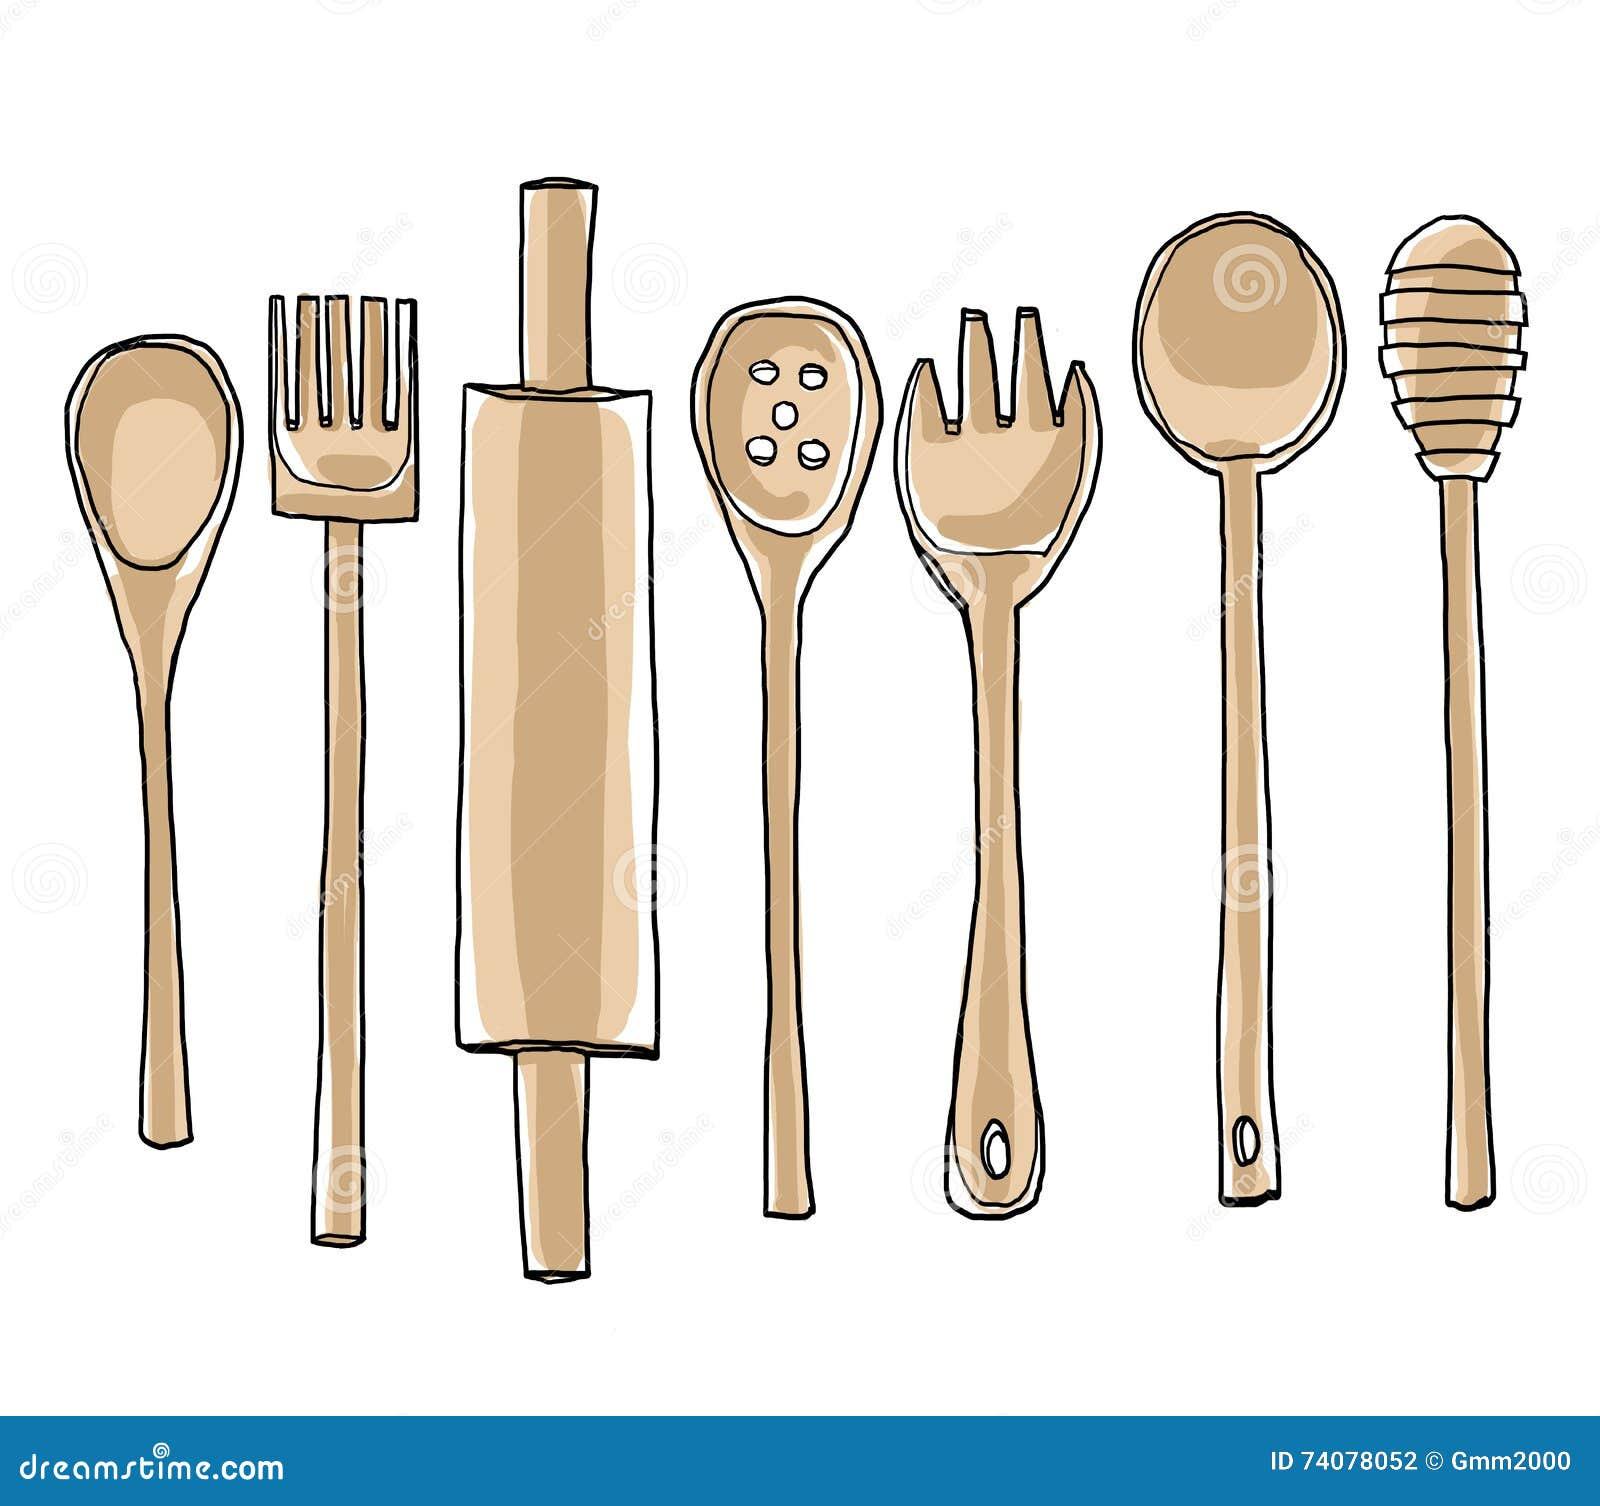 kitchen utensils art. Download Comp Kitchen Utensils Art C